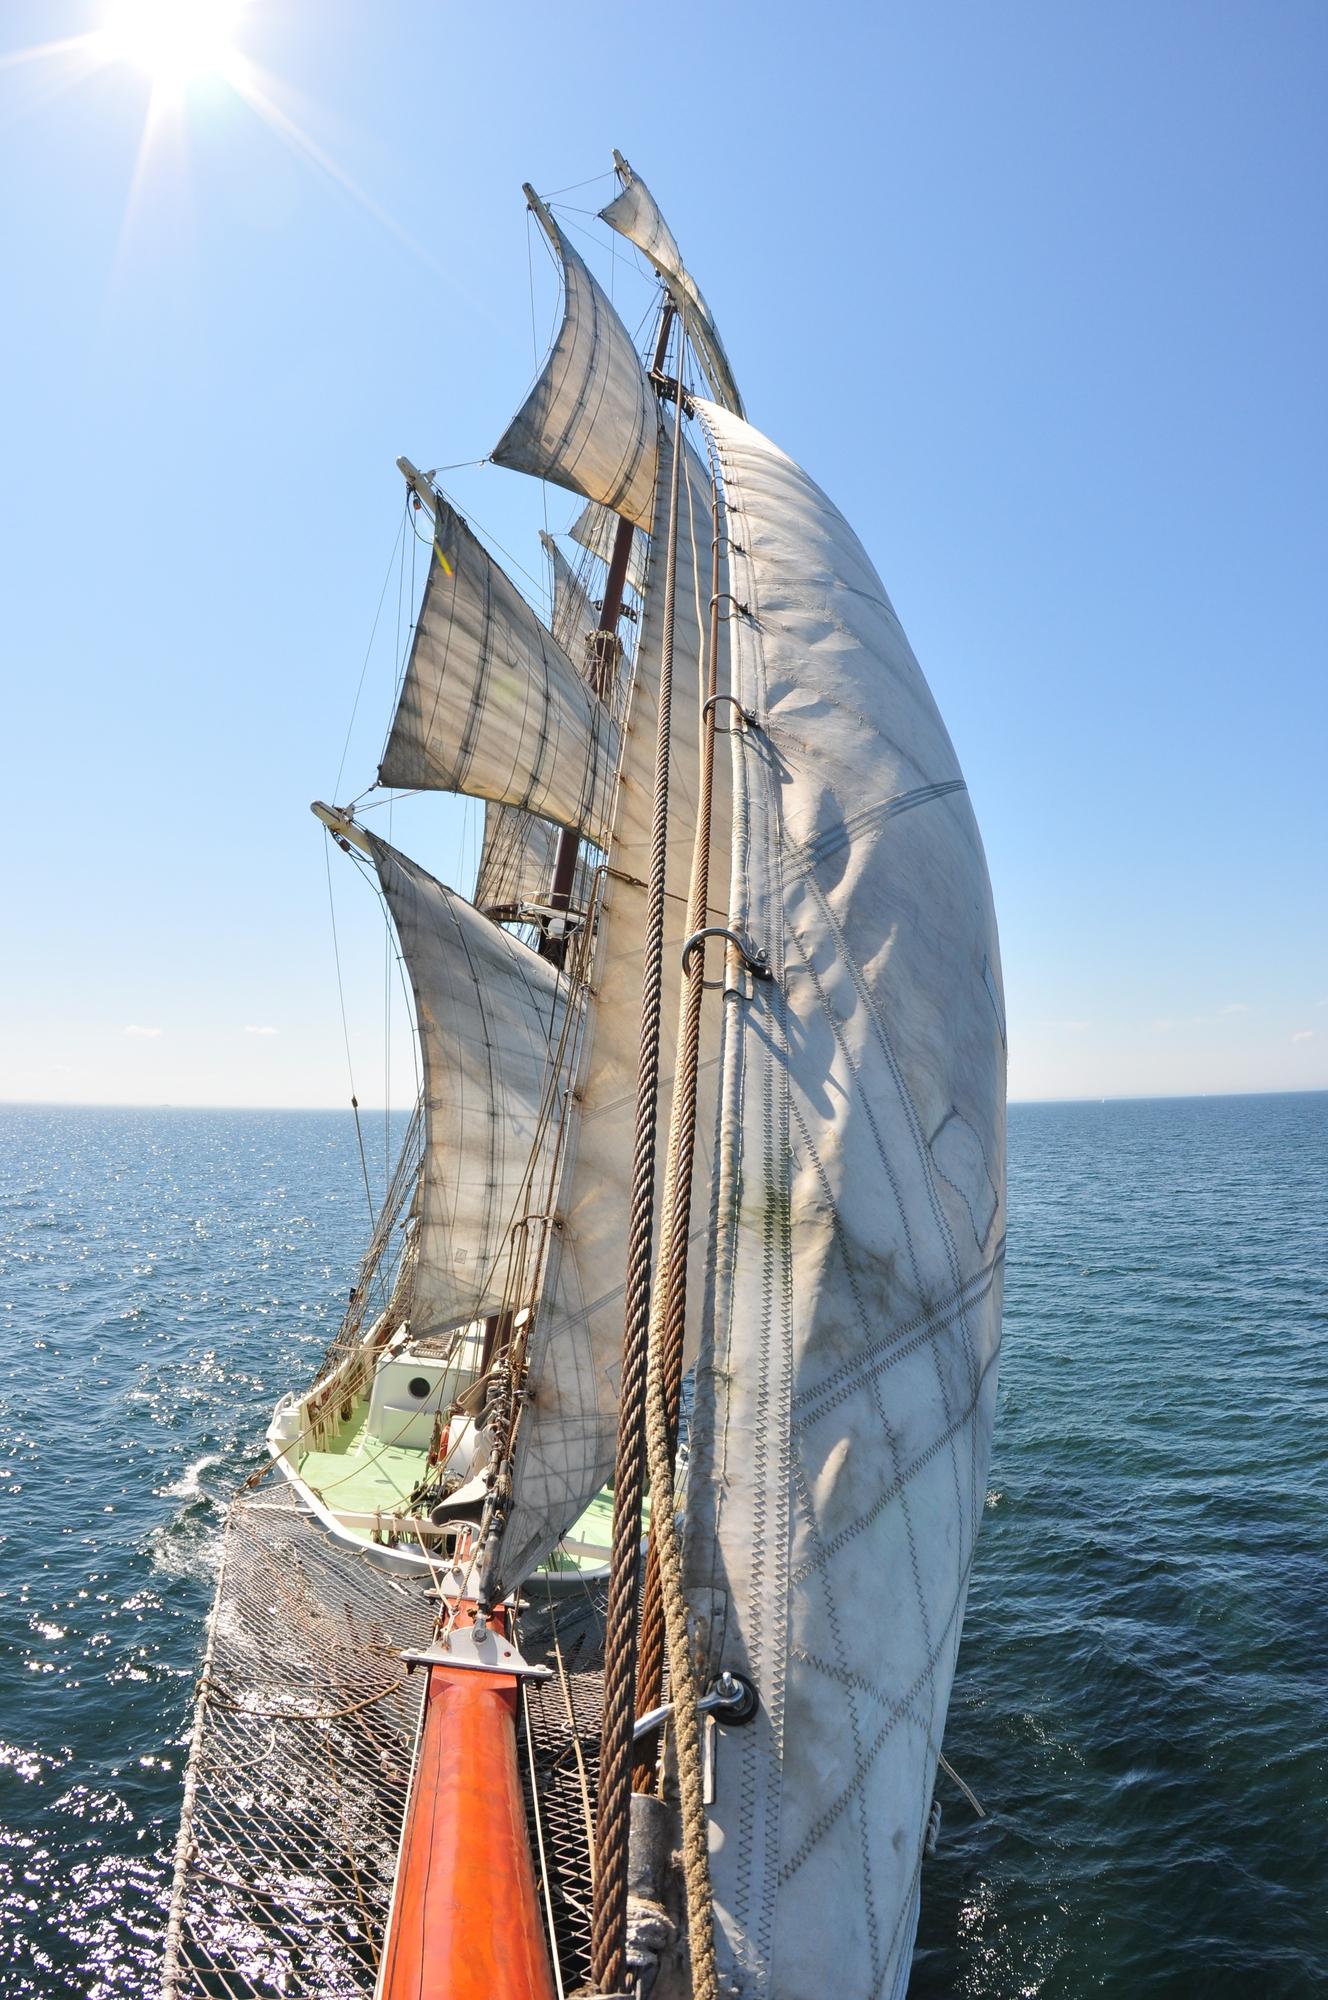 De masten van de Artemis staan vol in de zon en wind